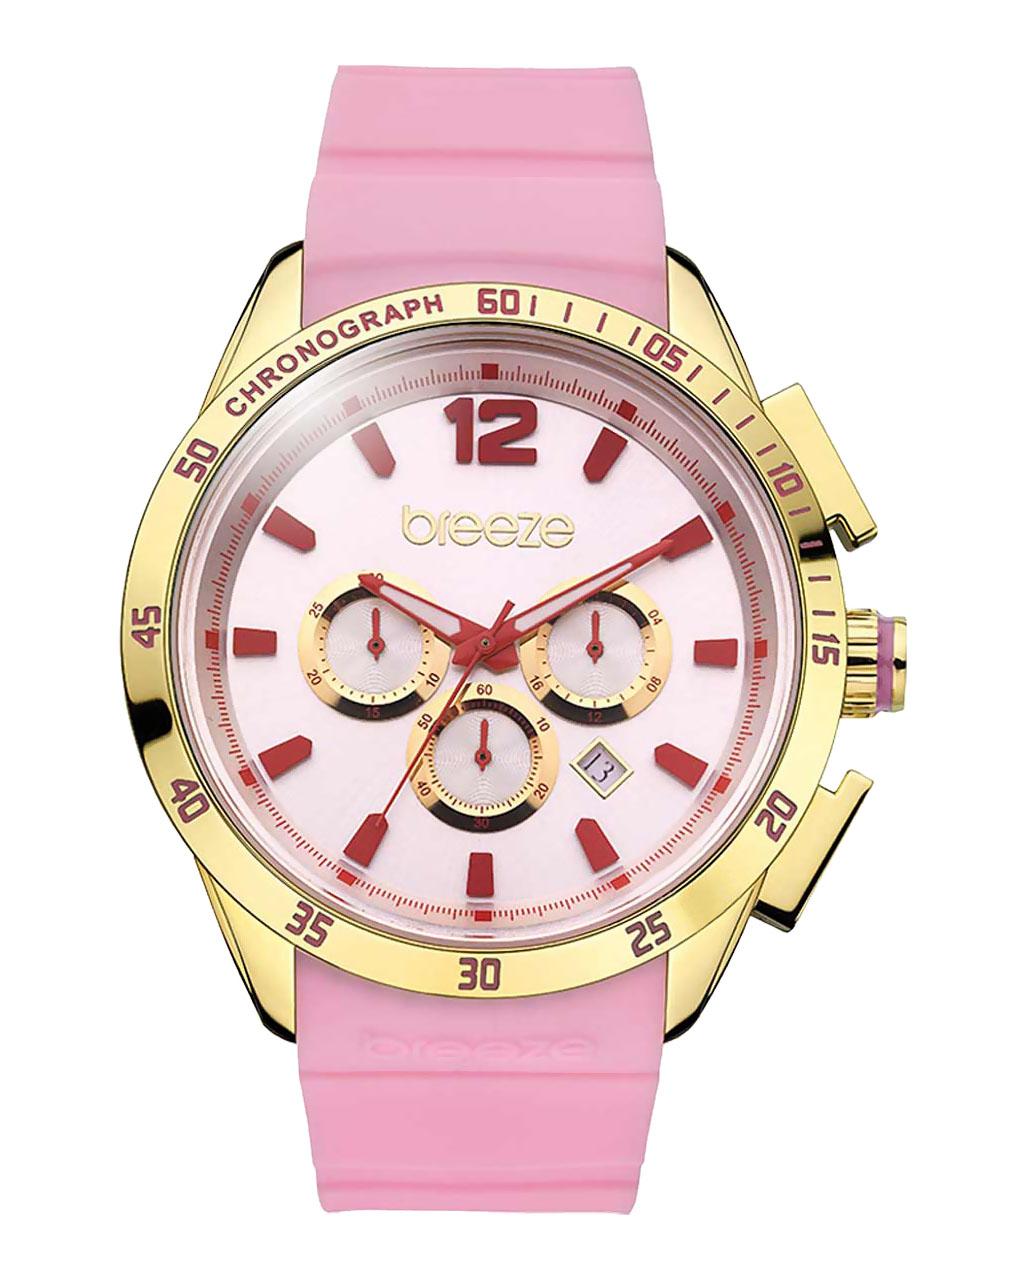 Ρολόι BREEZE 110221.4   προσφορεσ ρολόγια ρολόγια από 100 έως 300ε